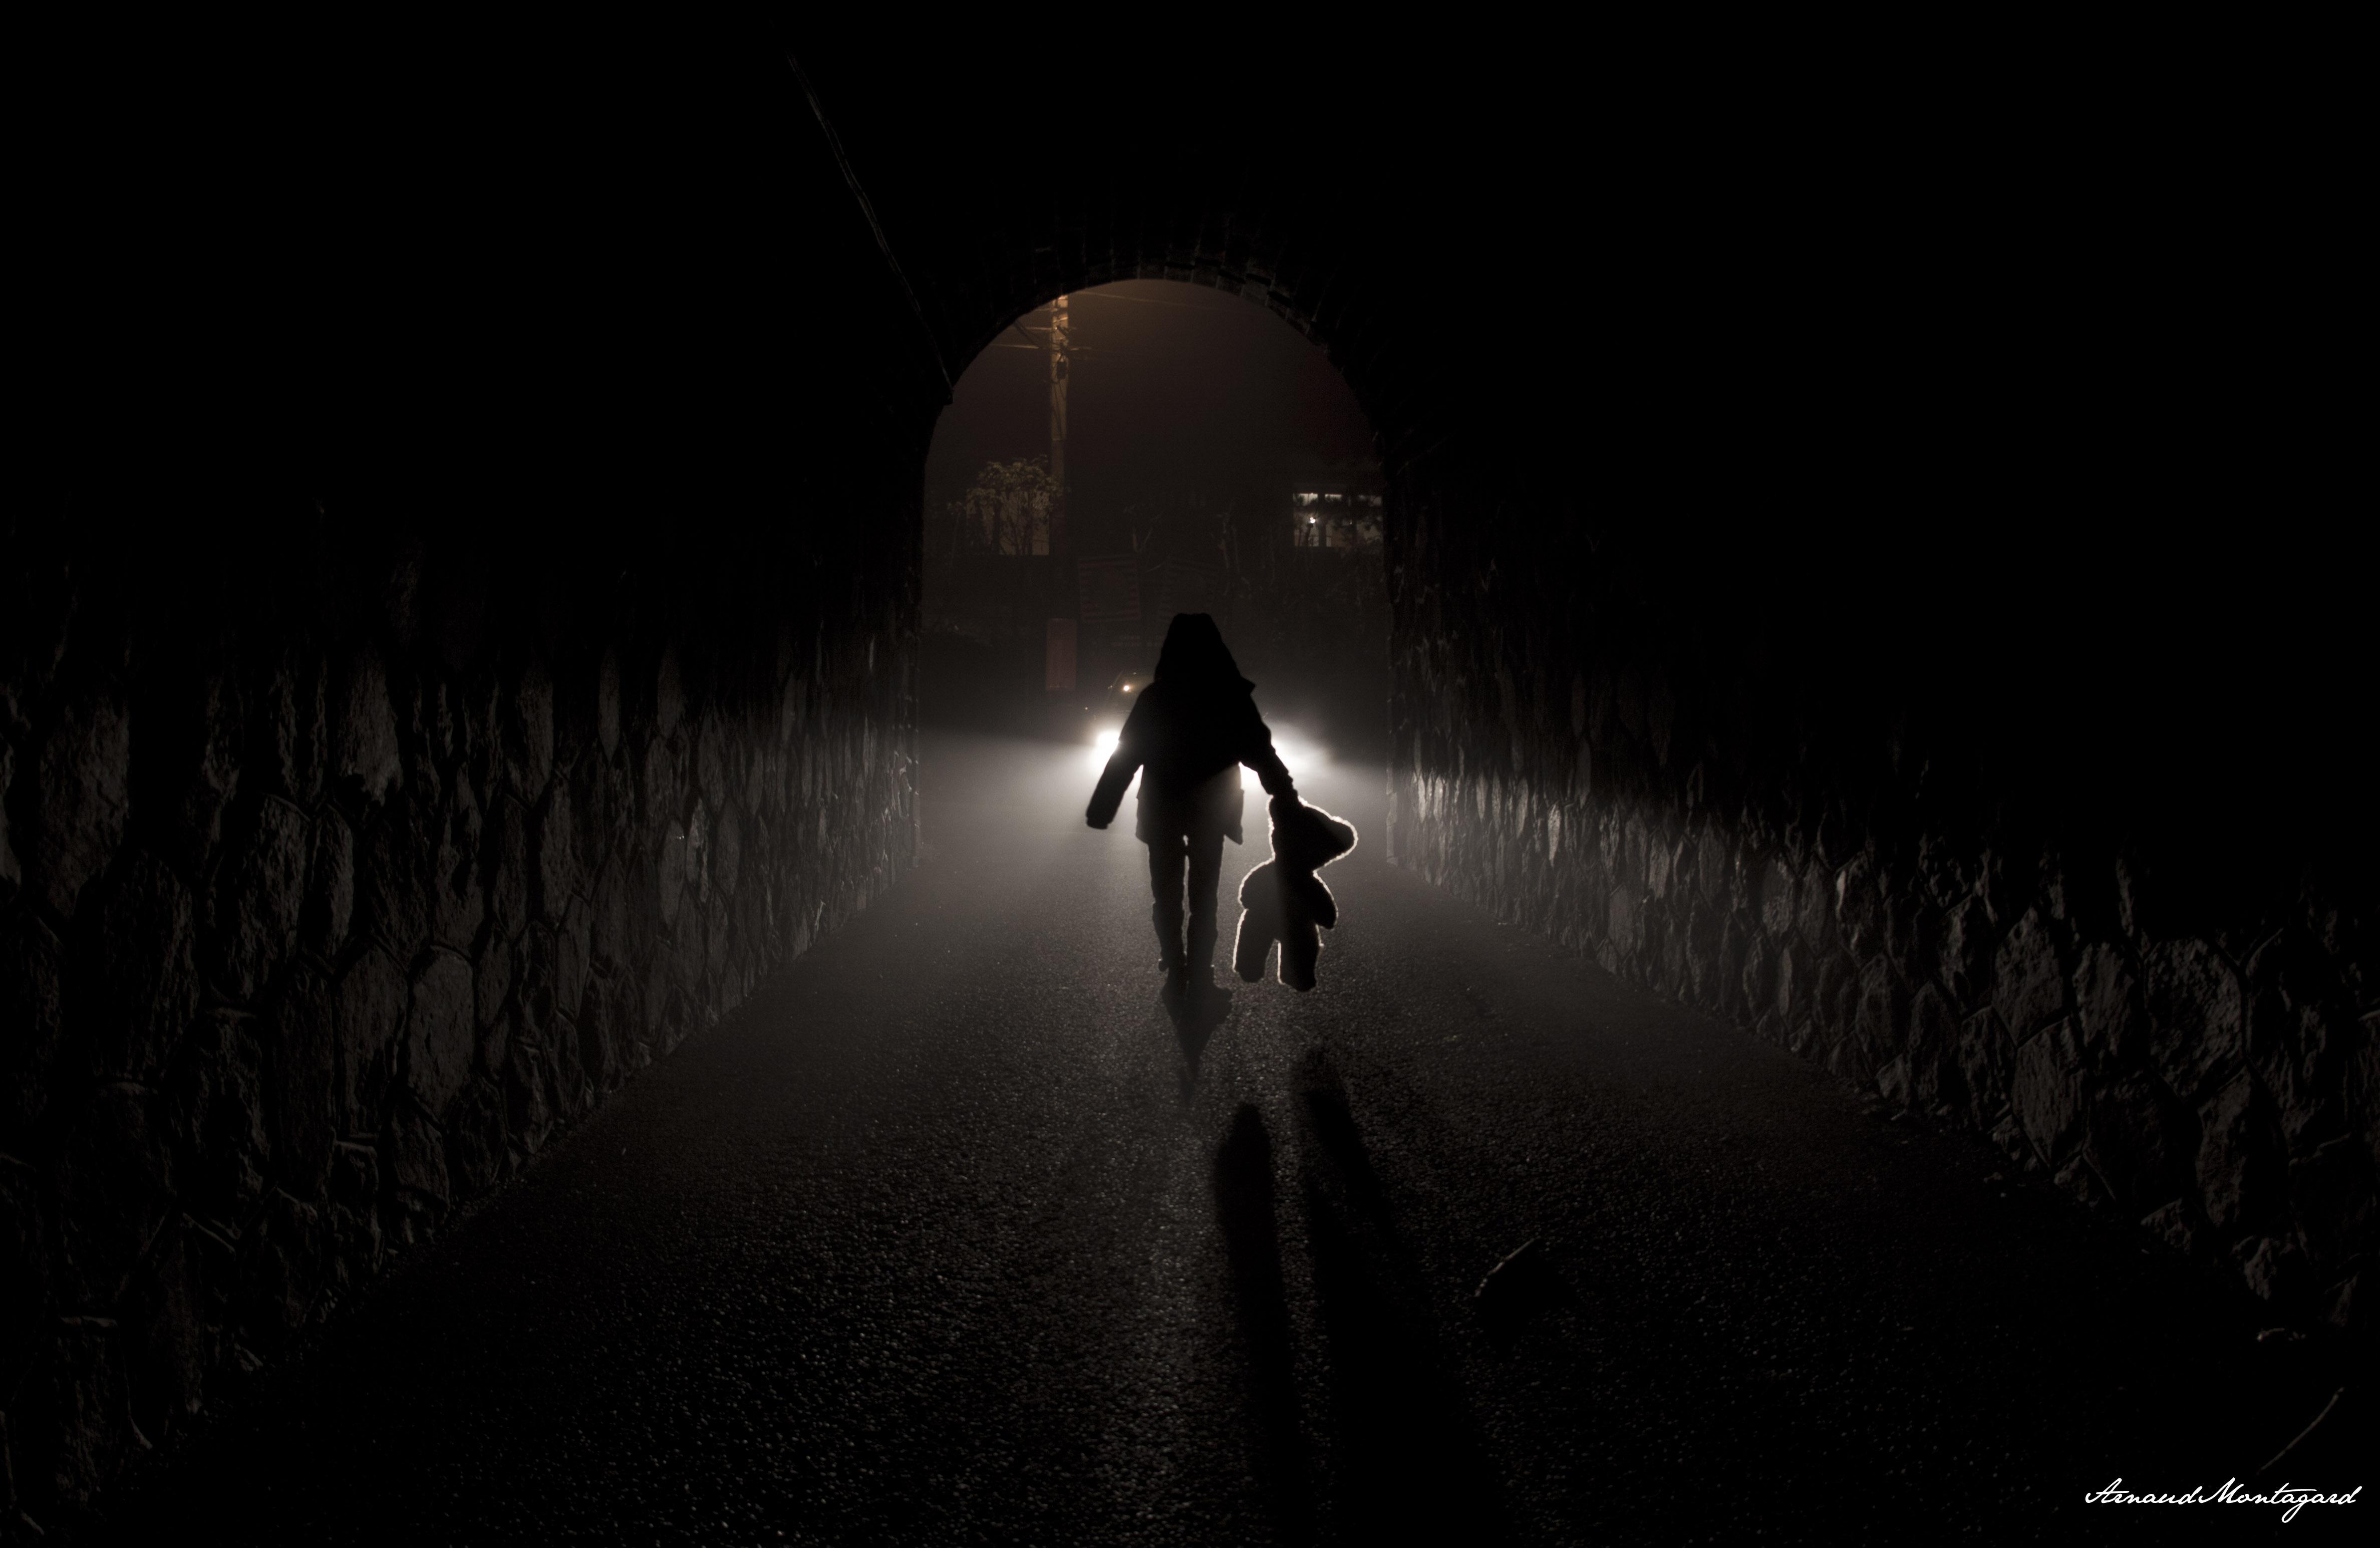 картинка уходящего в темноту краснодаре сегодня